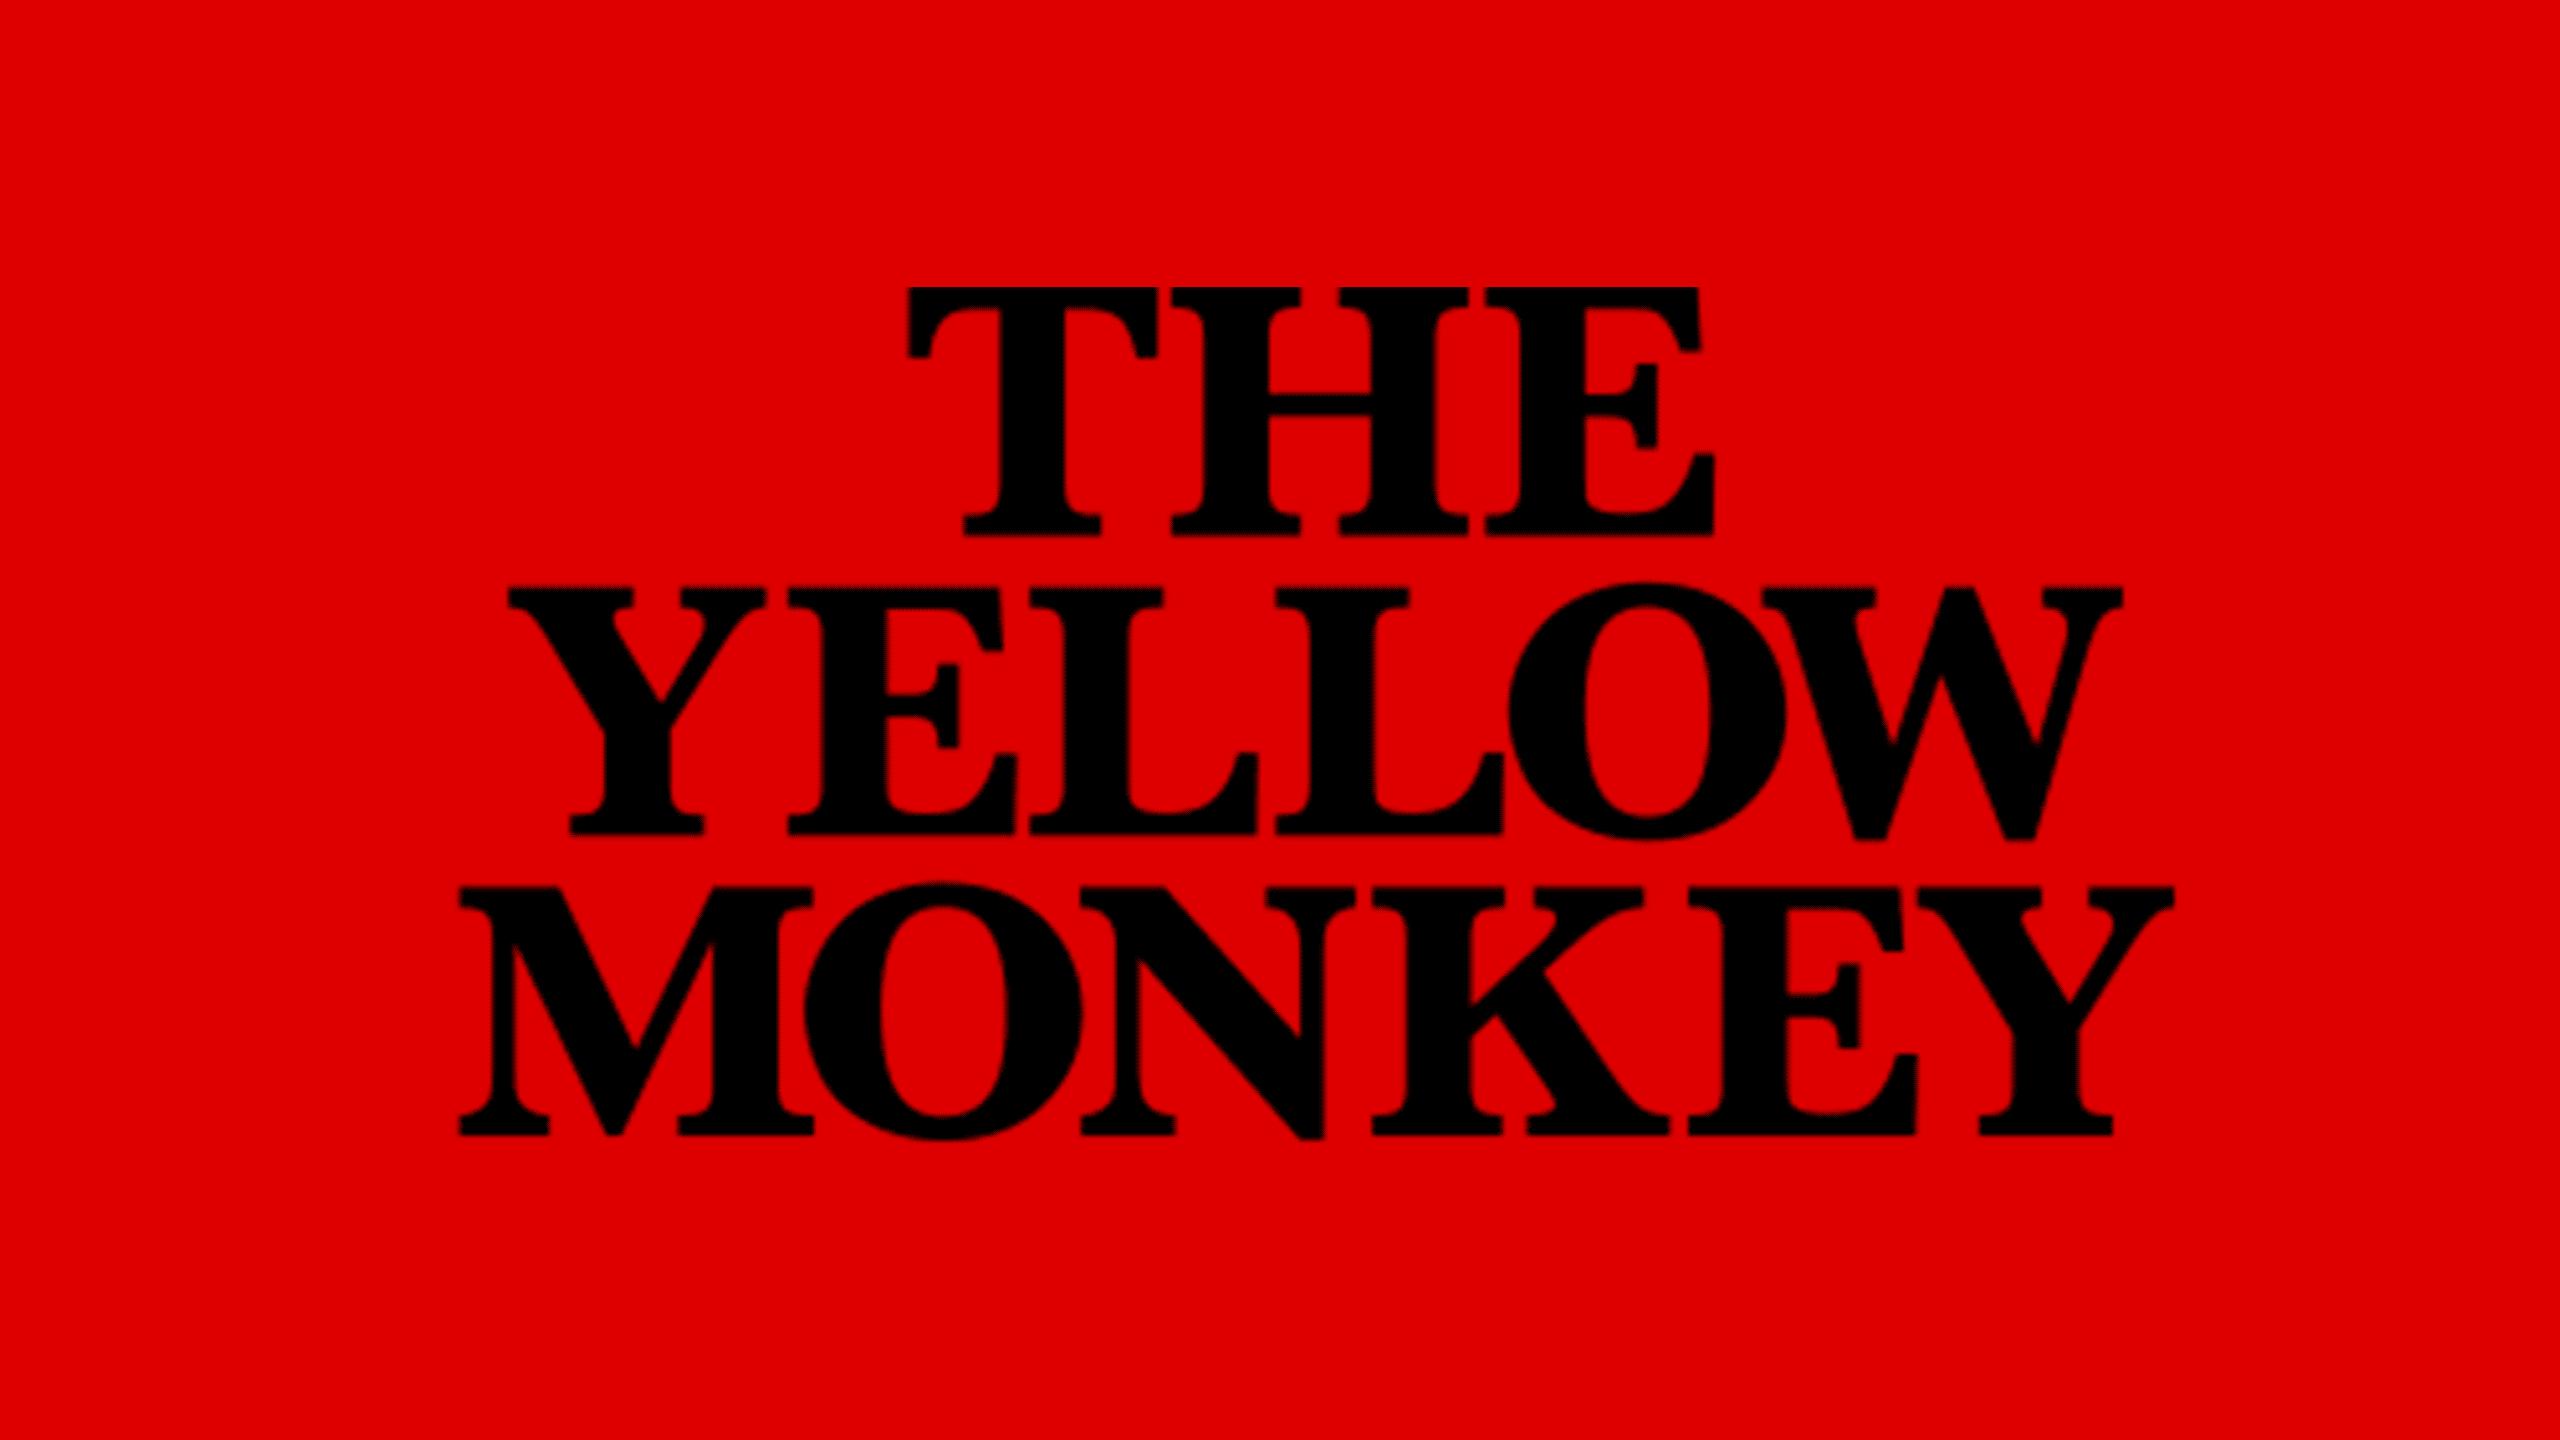 ザ イエロー モンキー デビュー25周年記念新録ベストアルバム The Yellow Monkey Is Here New Best 新曲 ロザーナ リリース 全曲レビュー 感想など Cozystyle Jp